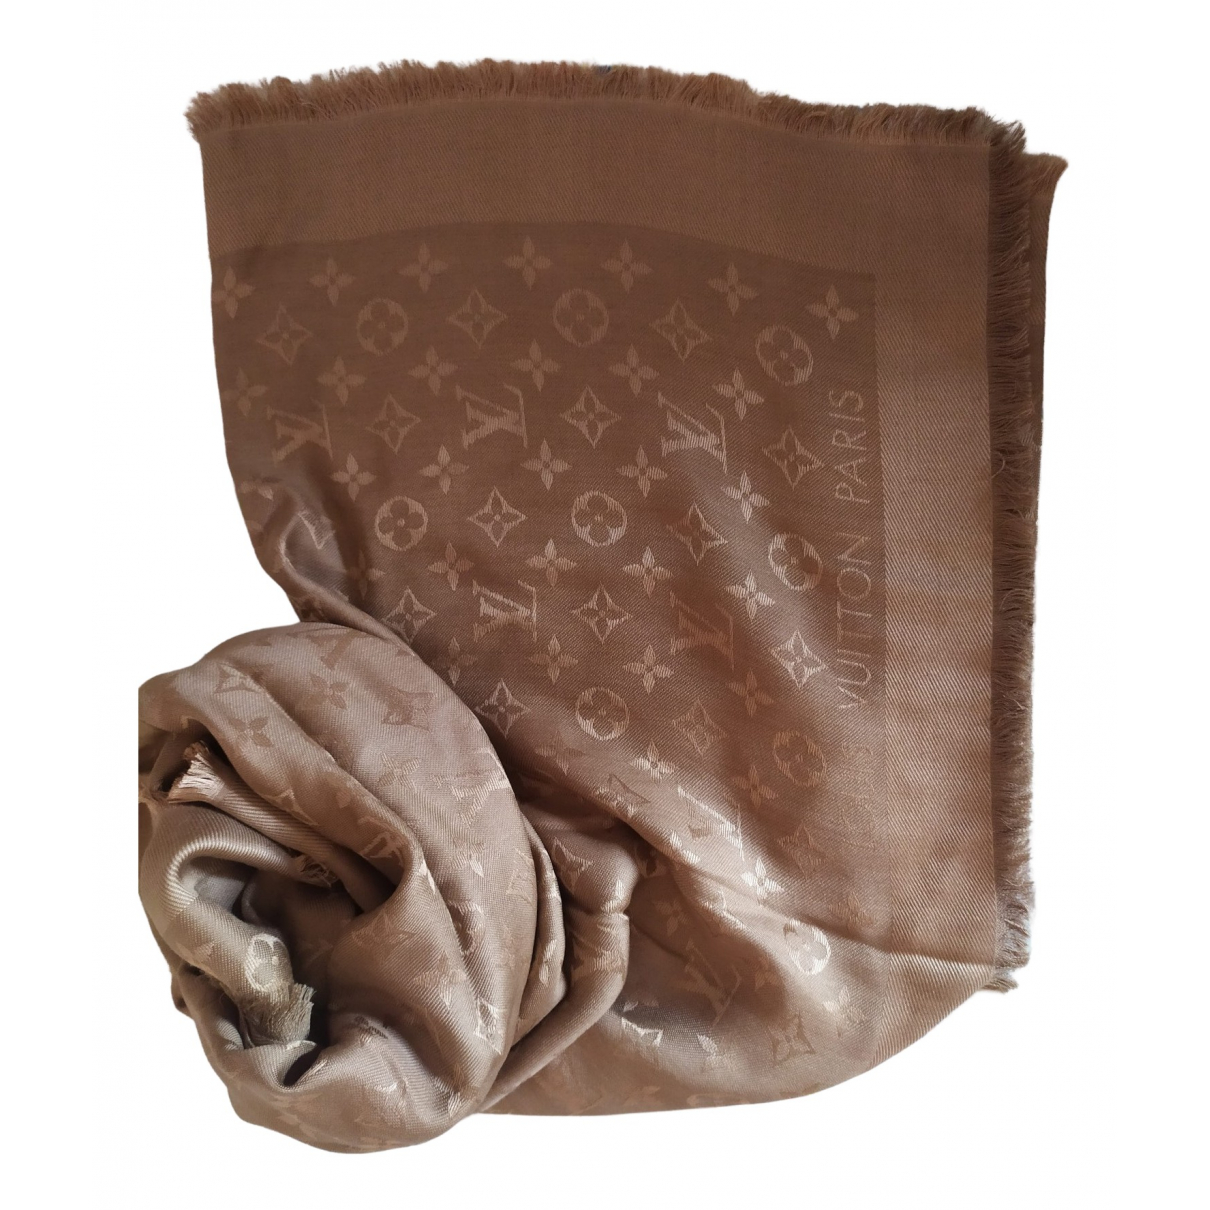 Louis Vuitton - Foulard Chale Monogram shine pour femme en soie - marron